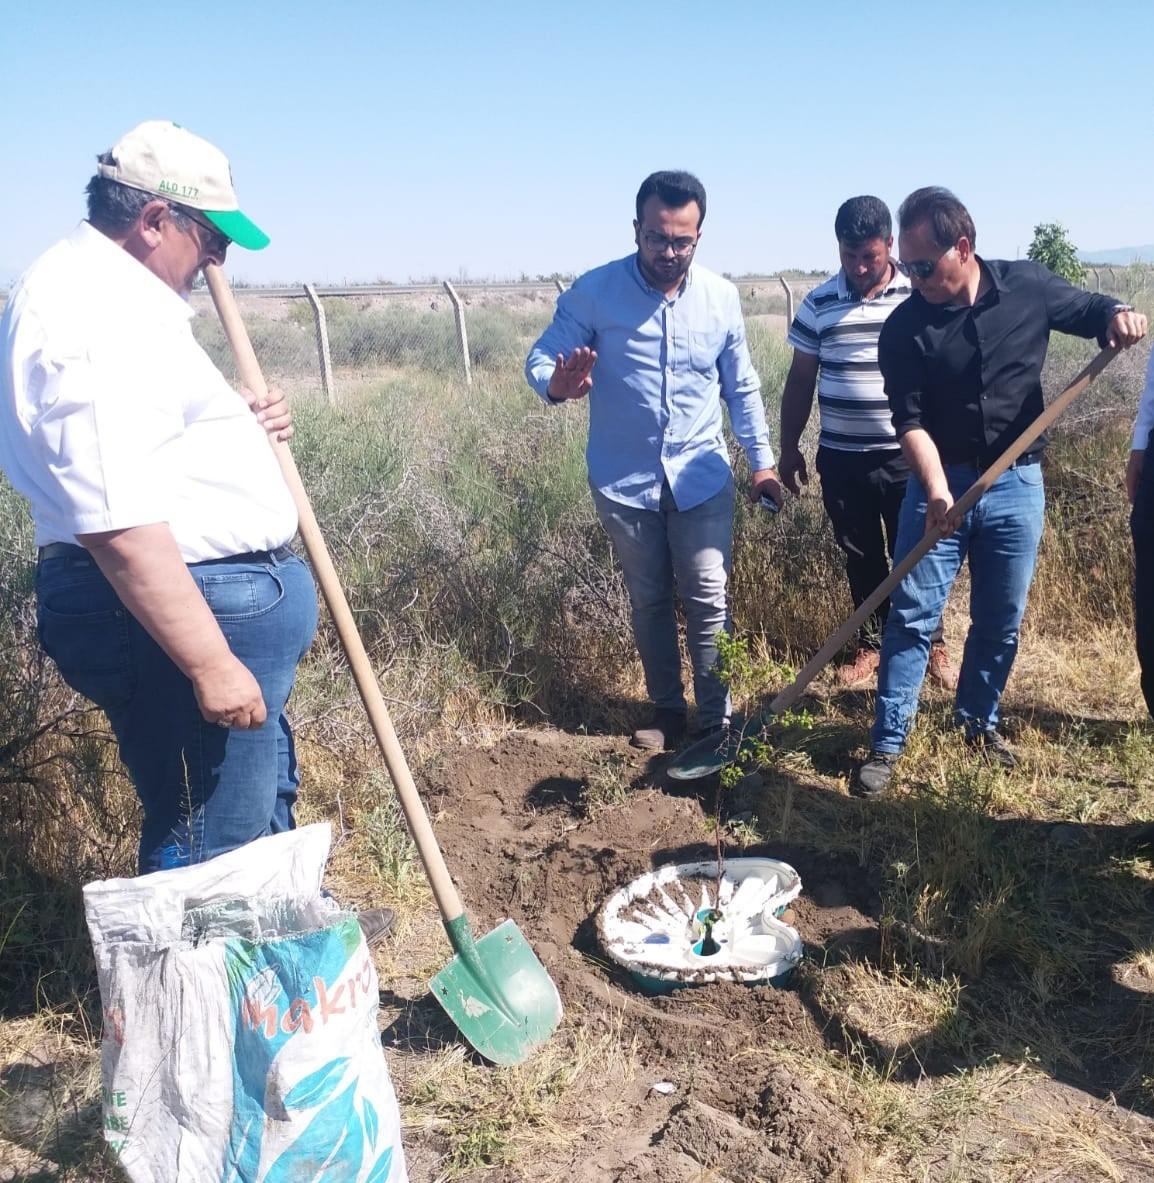 Iğdır Aralık ilçesinde sulamasız ağaç yetiştirme teknolojisi Ekobox ile farklı türlerde denemeler başlatıldı.